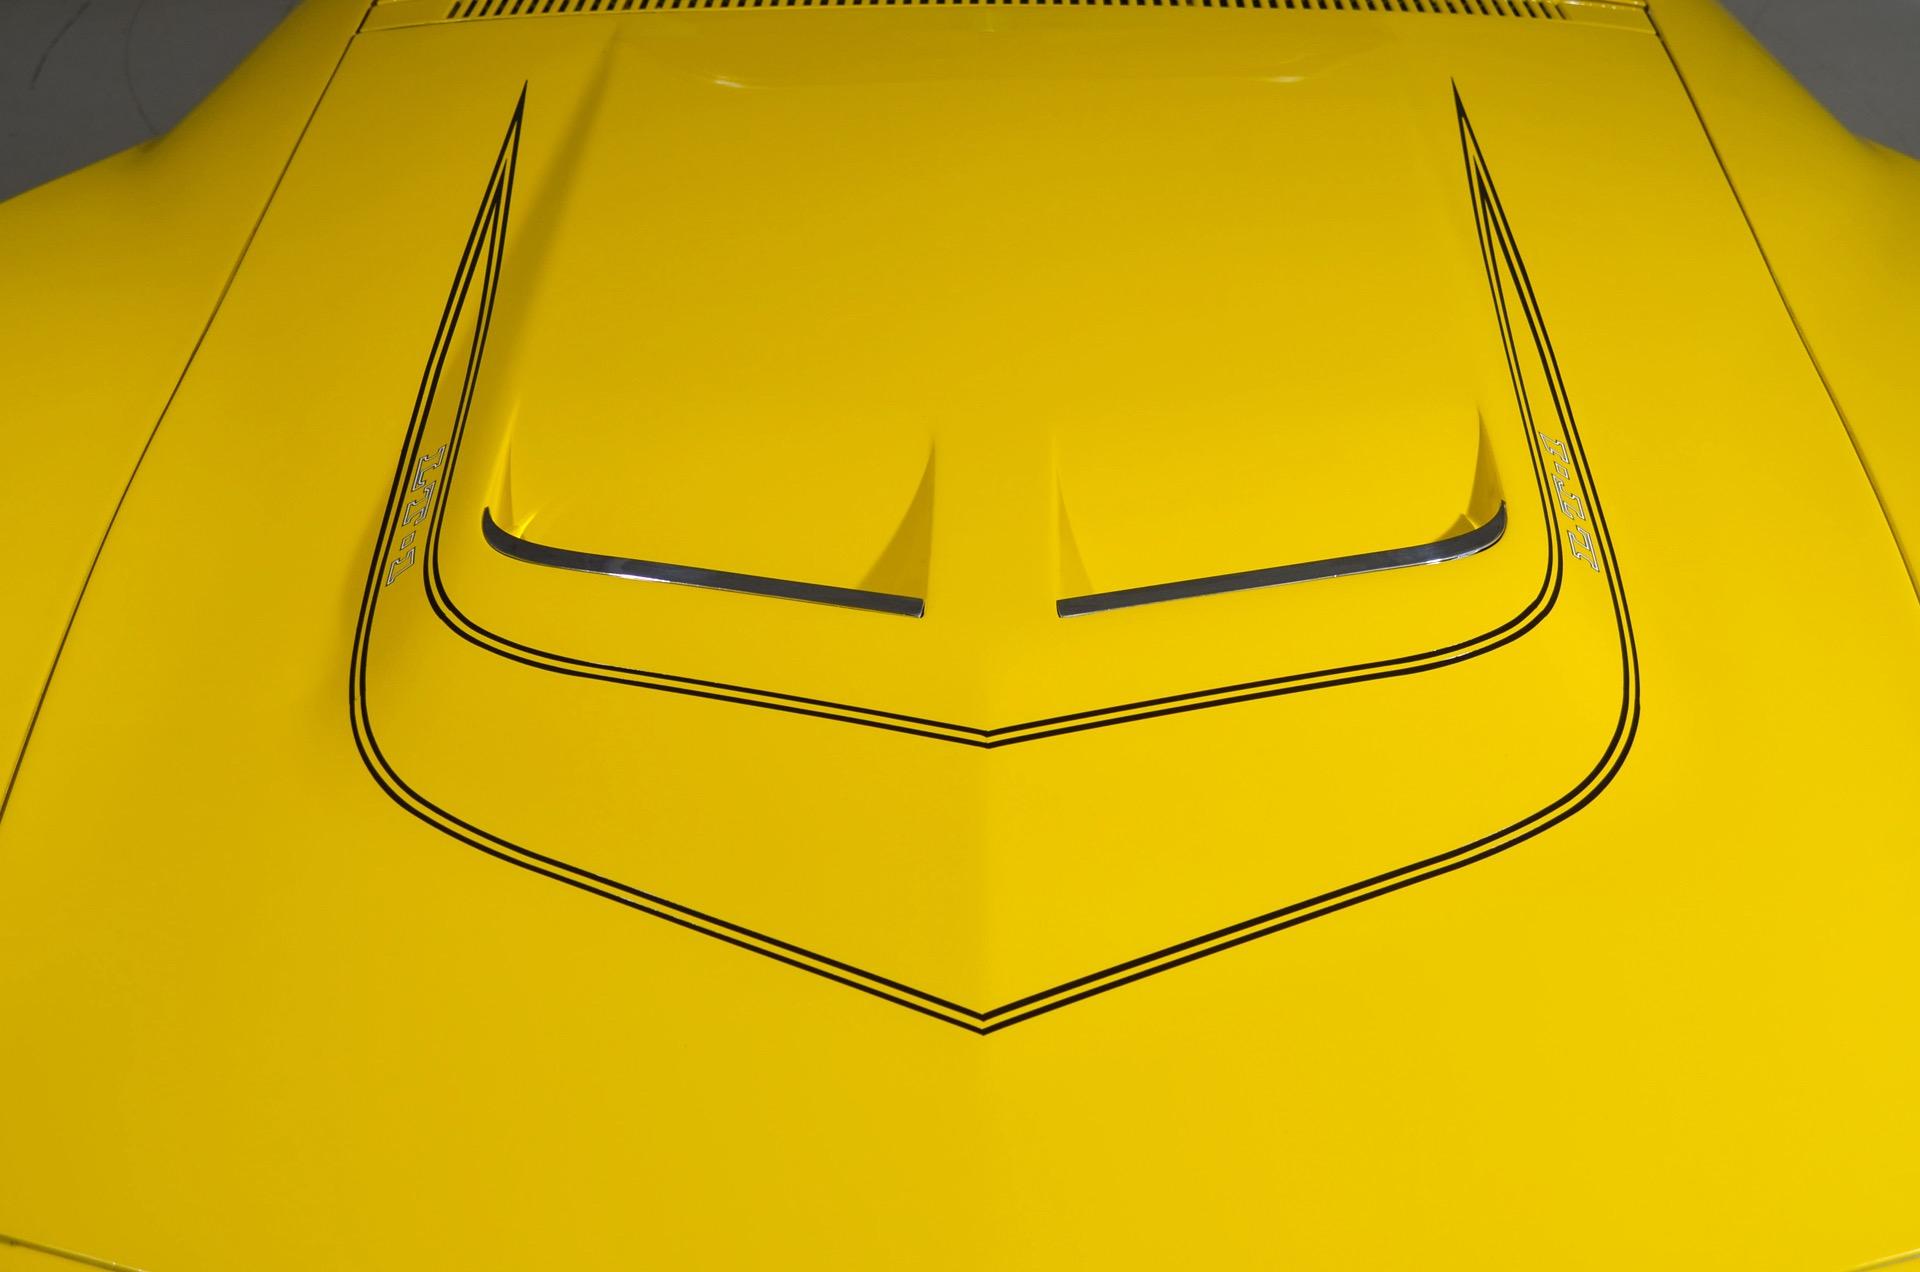 1971 Chevrolet Corvette LT1